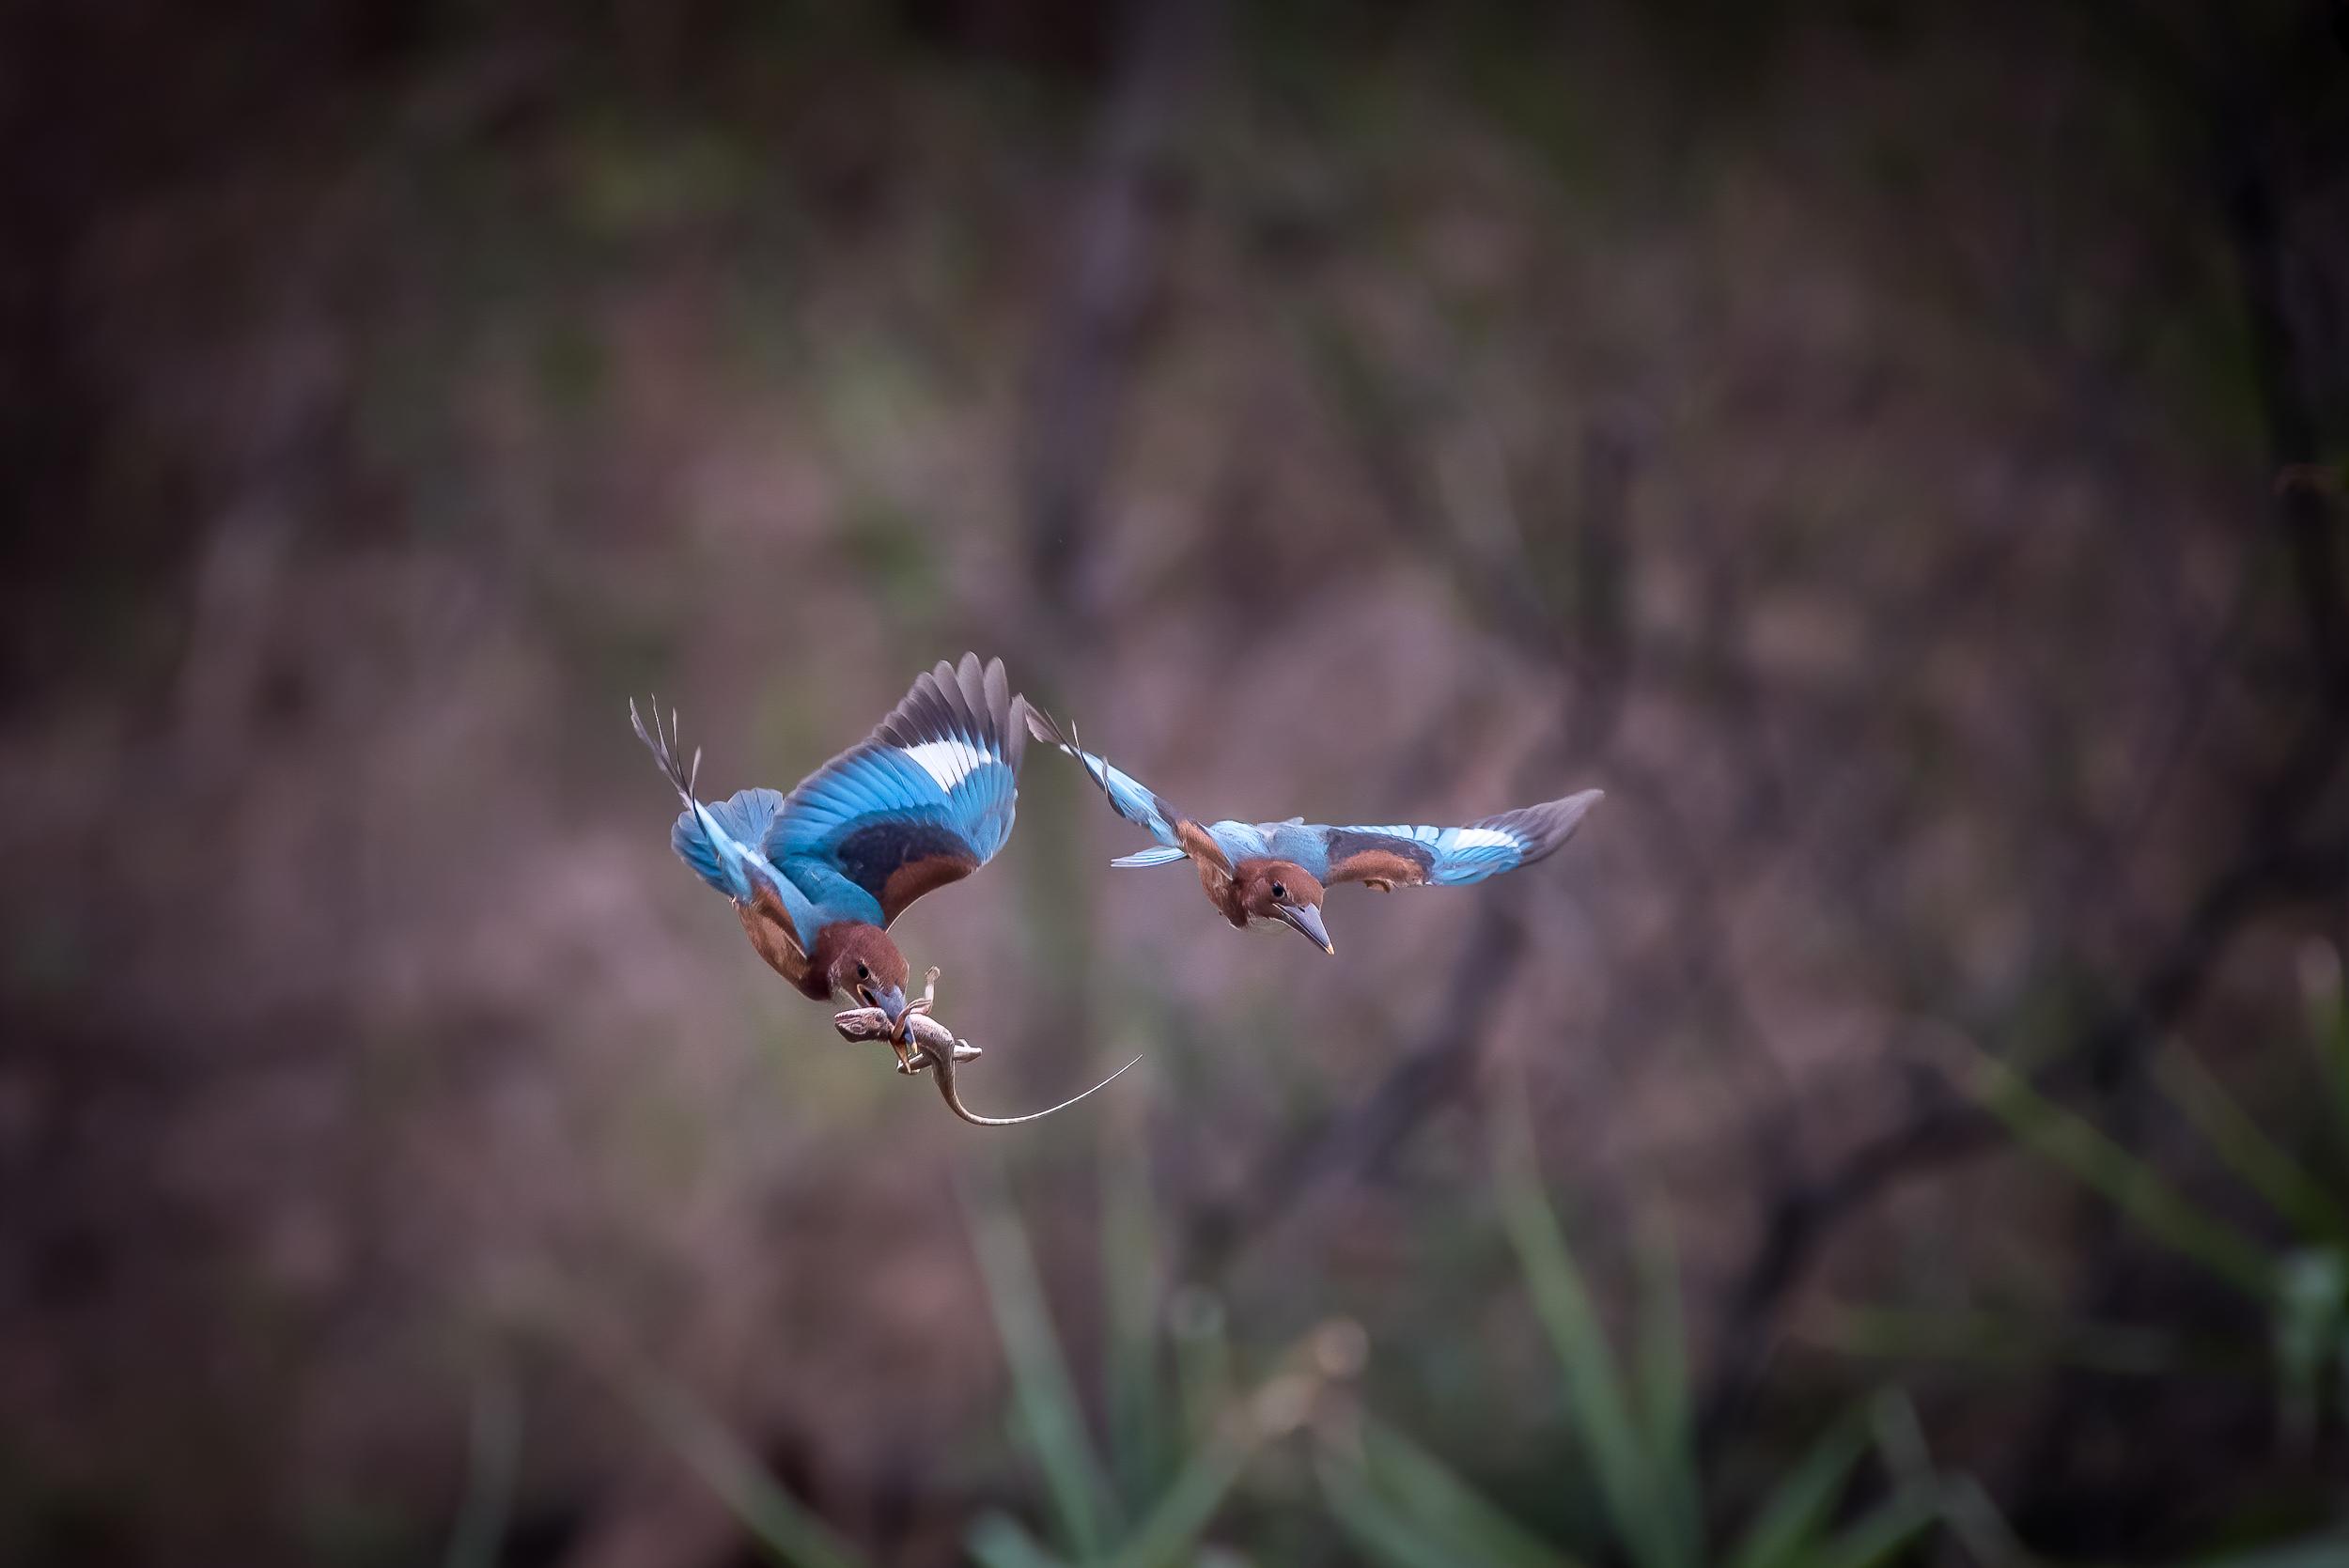 blue bird hunting chameleon